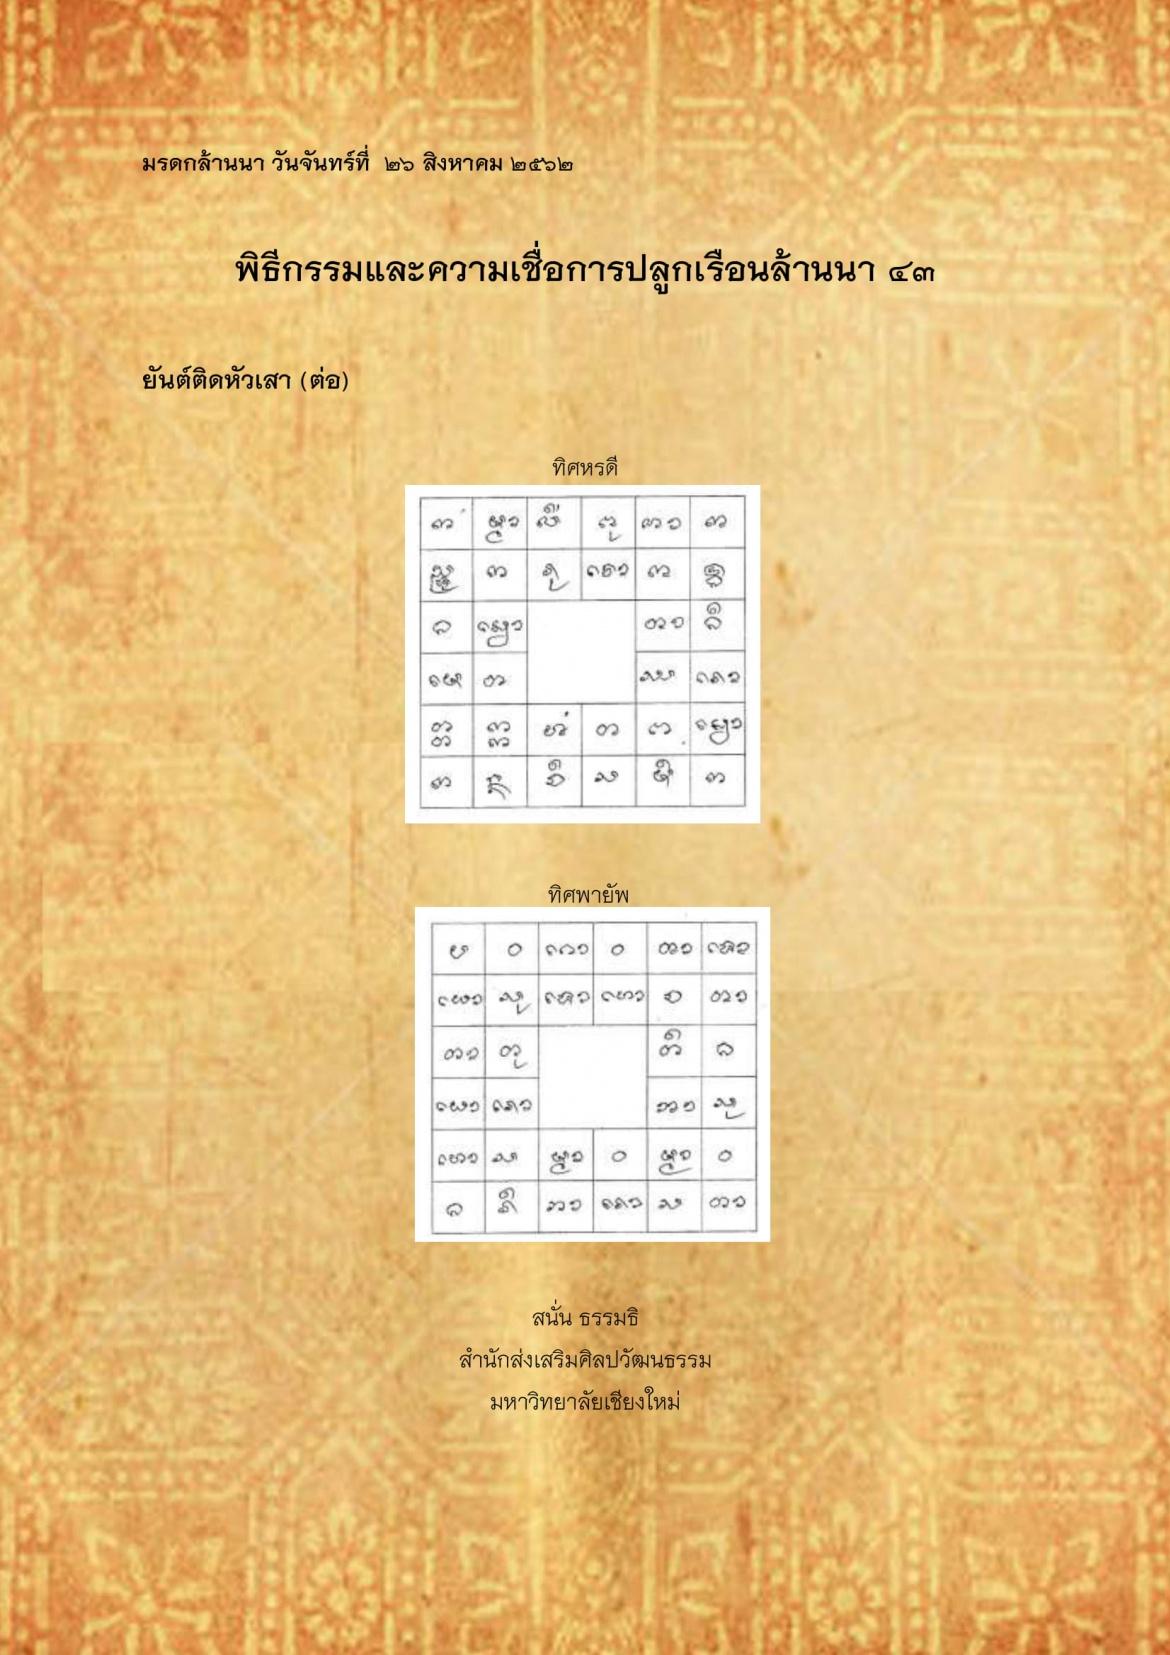 พิธีกรรมเเละความเชื่อการปลูกเรือนล้านนา(43) - 26 สิงหาคม 2562